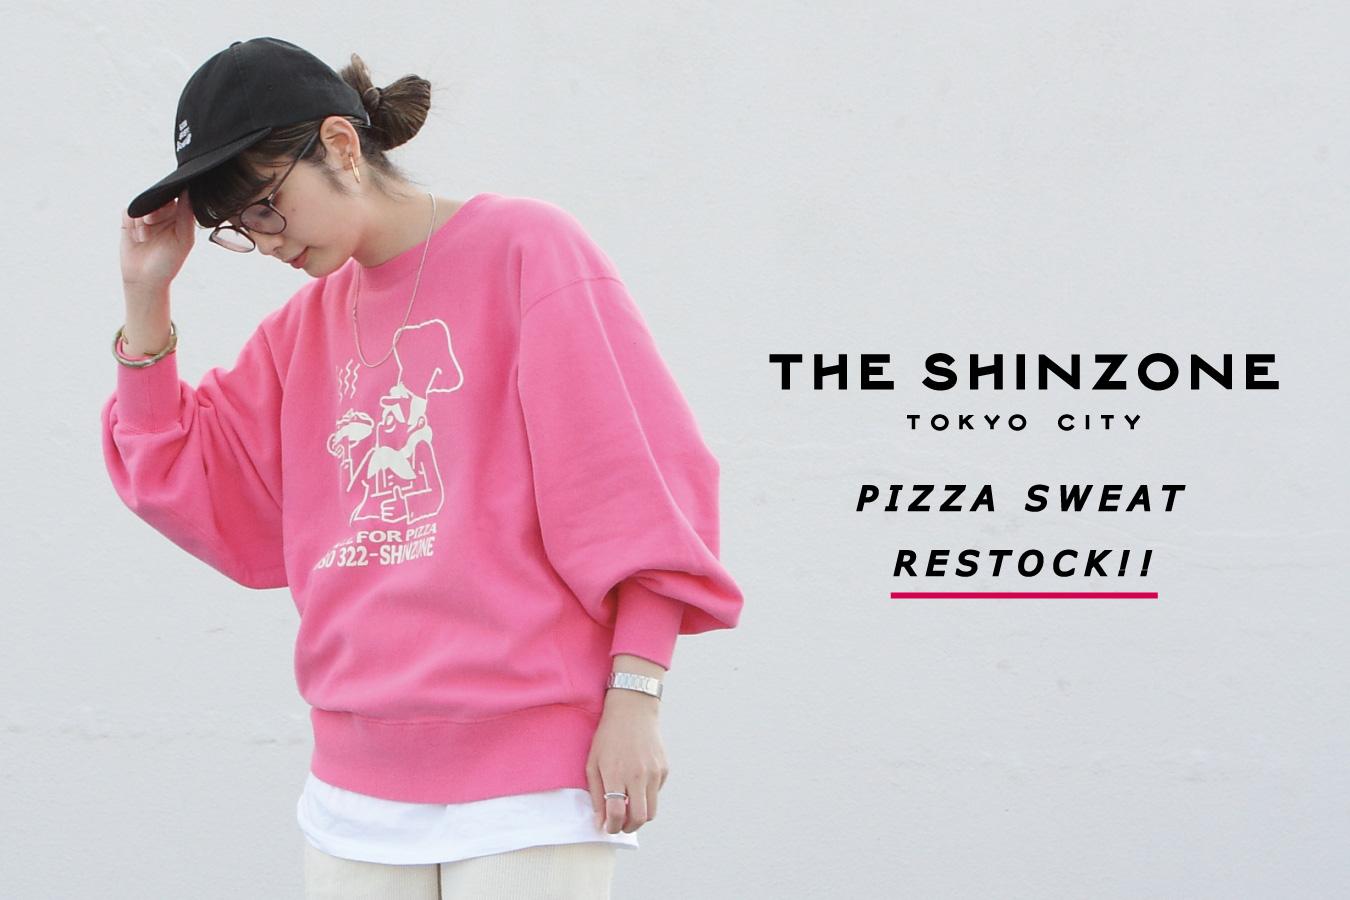 THE SHINZONE/PIZZZA SWEAT RESTOCK!!!!🍕